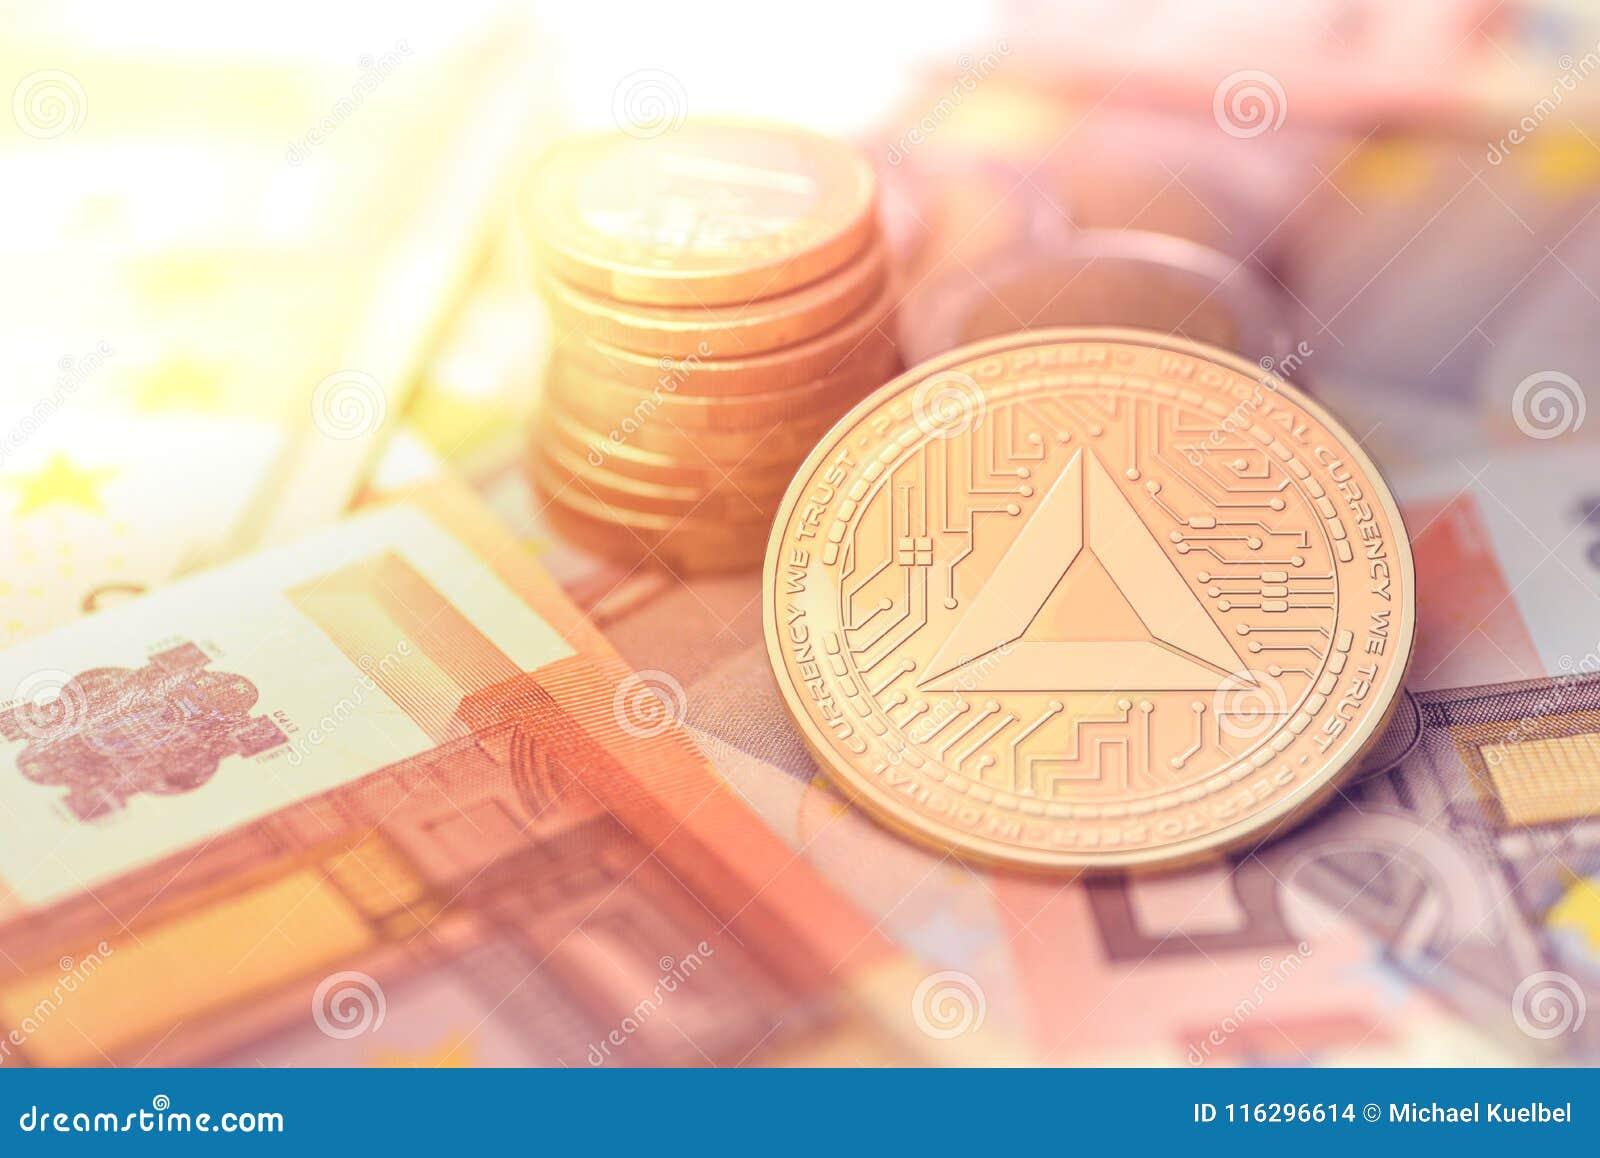 发光的金黄在模糊的背景的BASIC注意象征性的cryptocurrency硬币与欧洲金钱